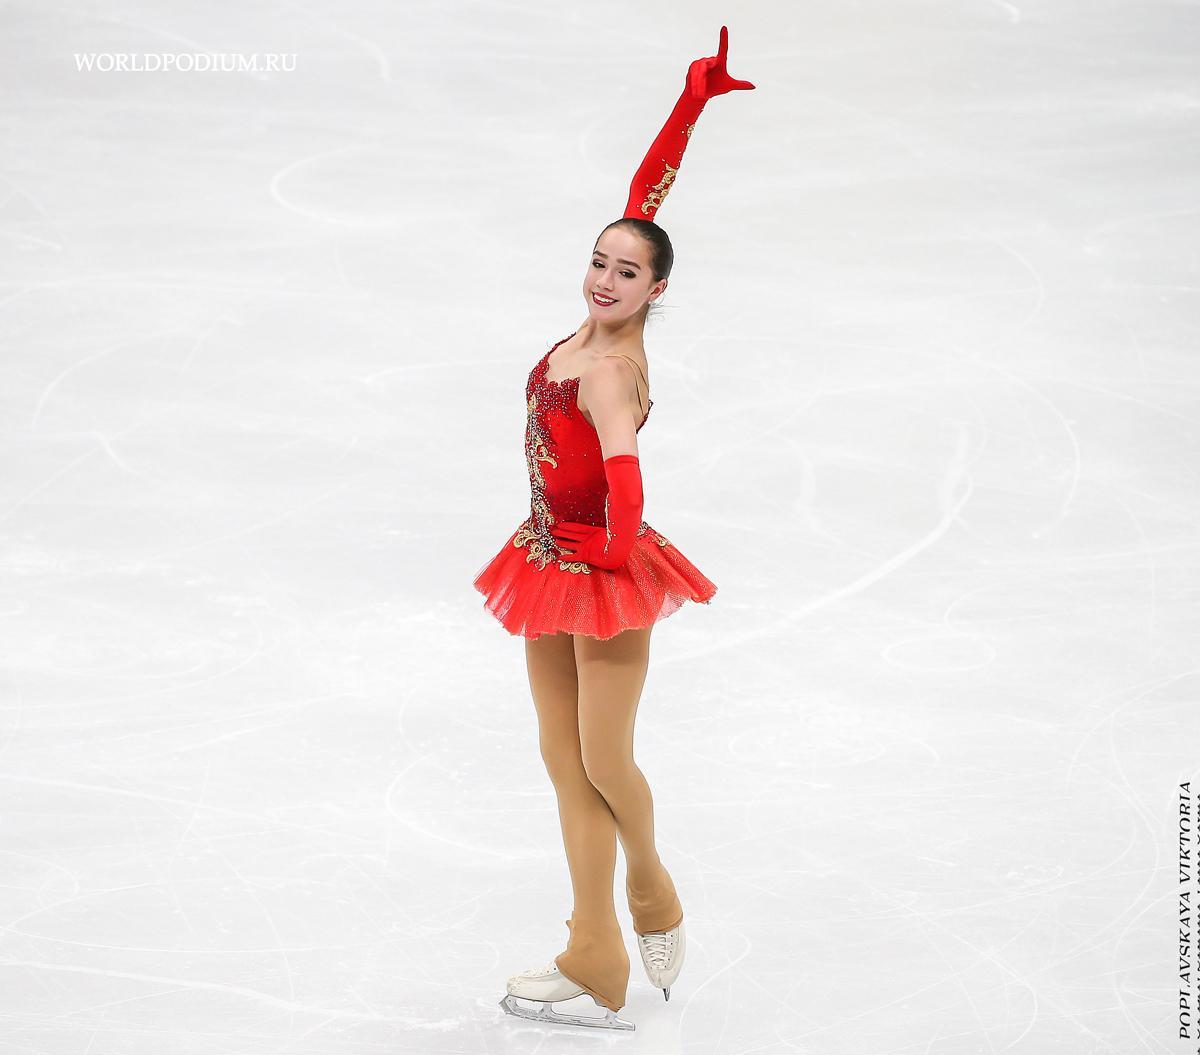 Алина Загитова принесла России первое золото Олимпиады. Евгения Медведева завоевала серебро